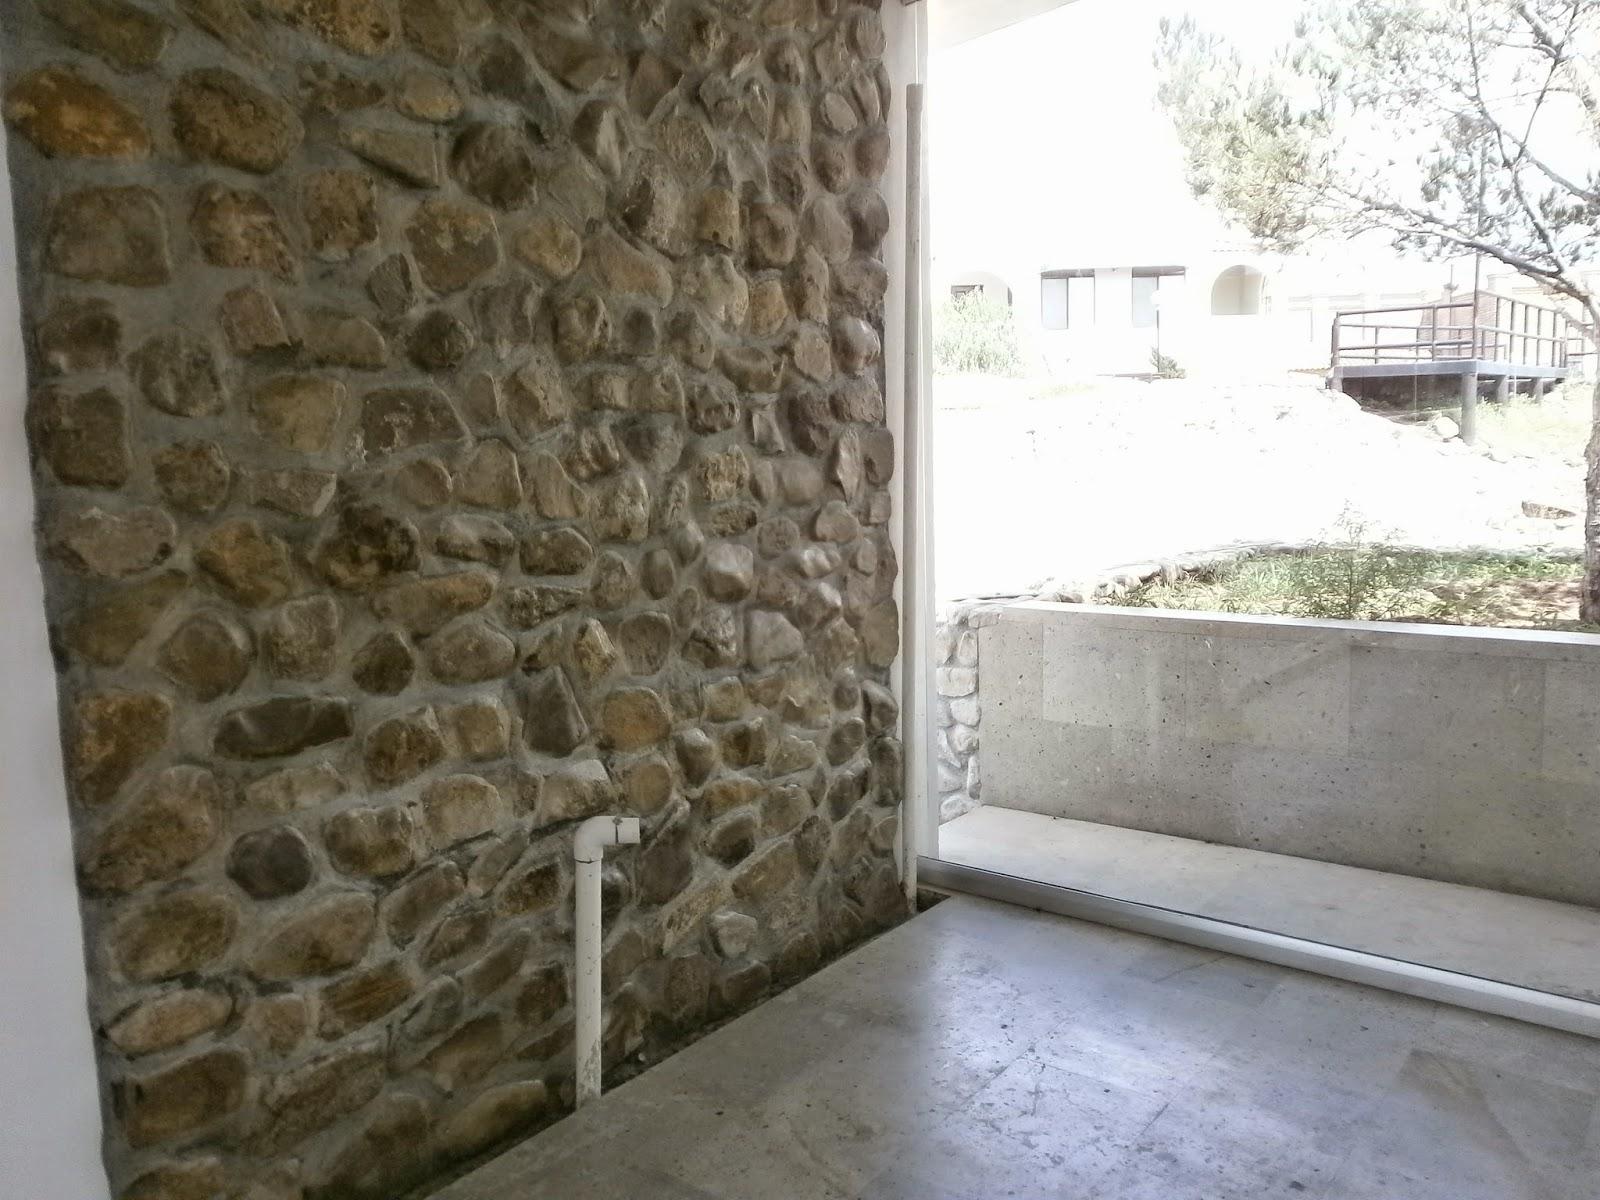 Como cubrir un muro de concreto con piedras y mortero - Muro de piedra natural ...